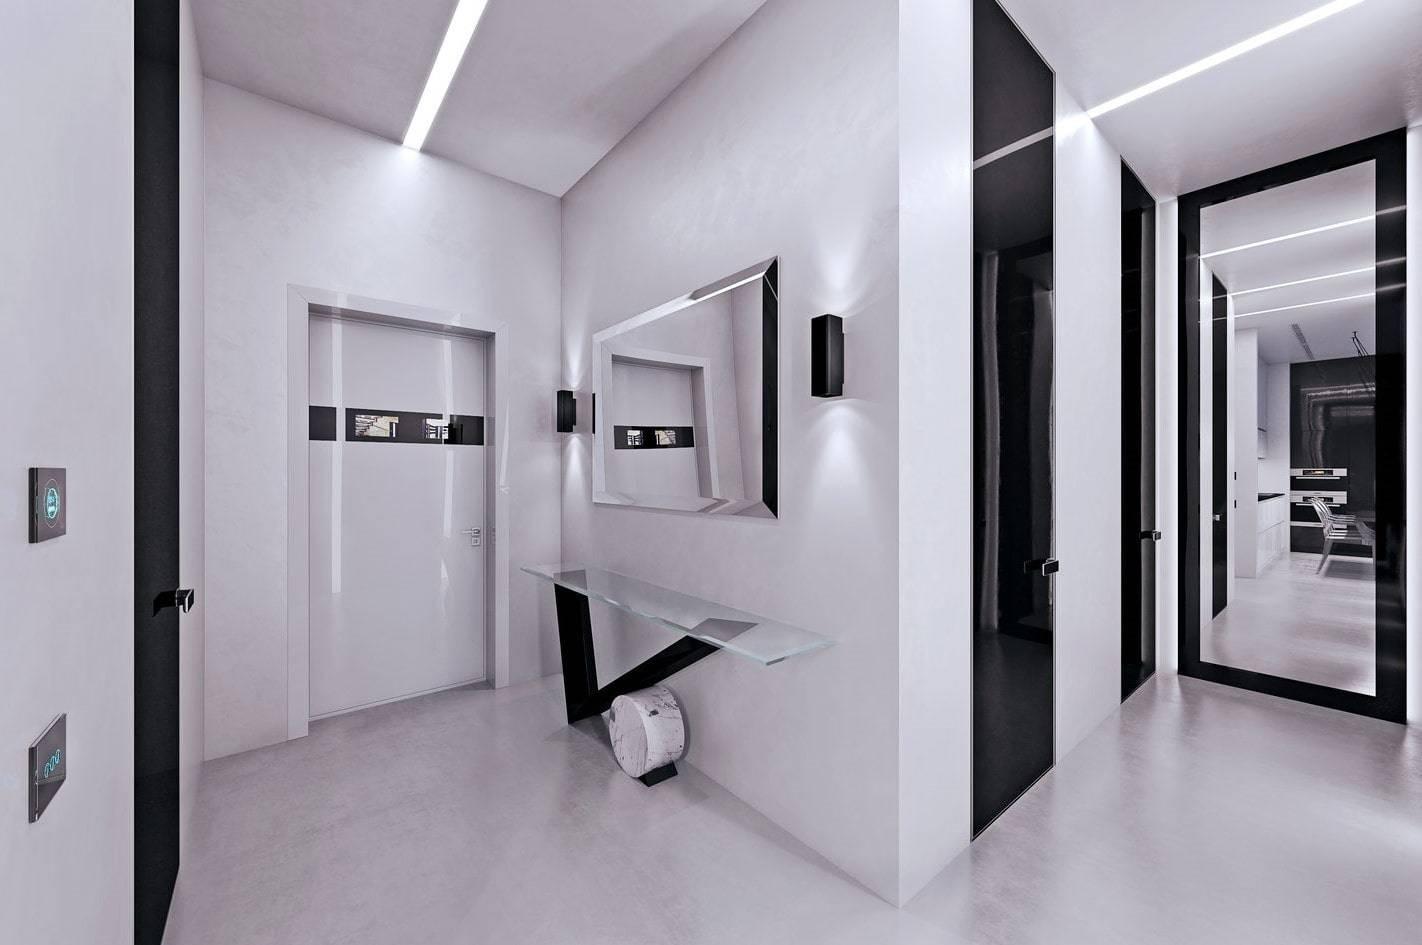 Гостиная в стиле хай-тек (64 фото): дизайн интерьера зала в стиле минимализм и хай-тек, стильные современные идеи-2021 для оформления комнаты